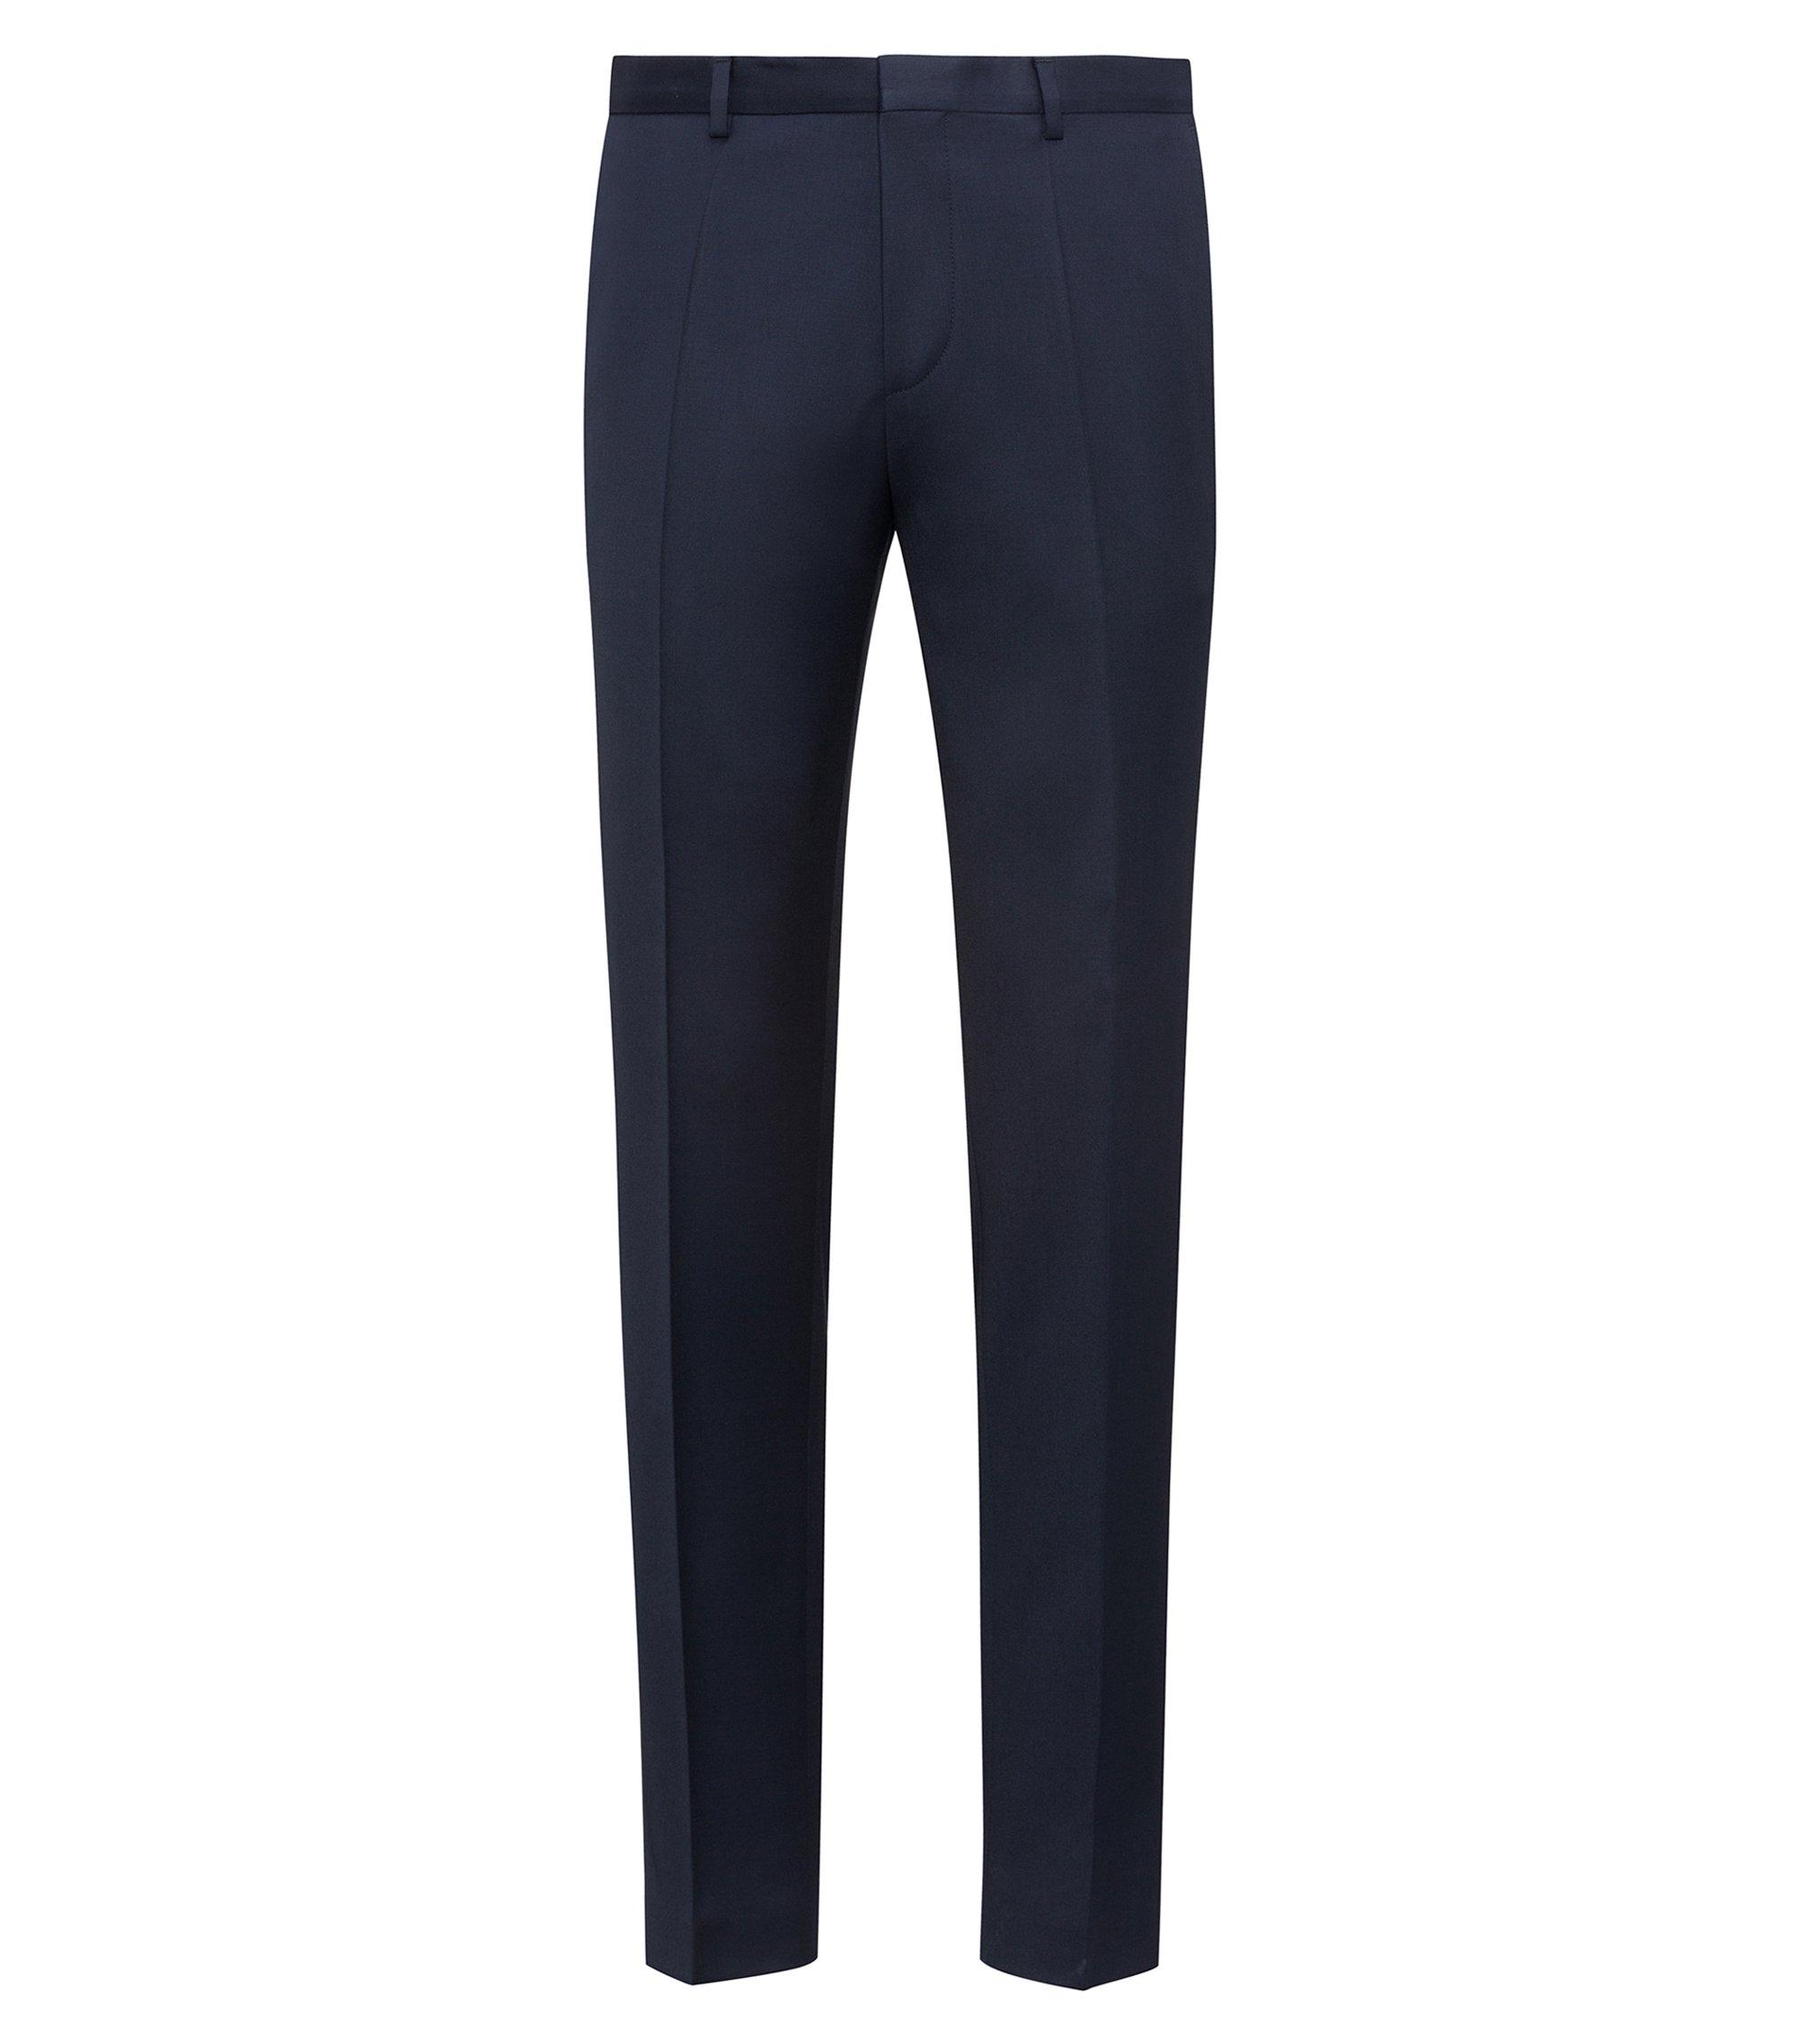 Pantaloni extra slim fit in lana vergine con tintura a pigmenti, Blu scuro